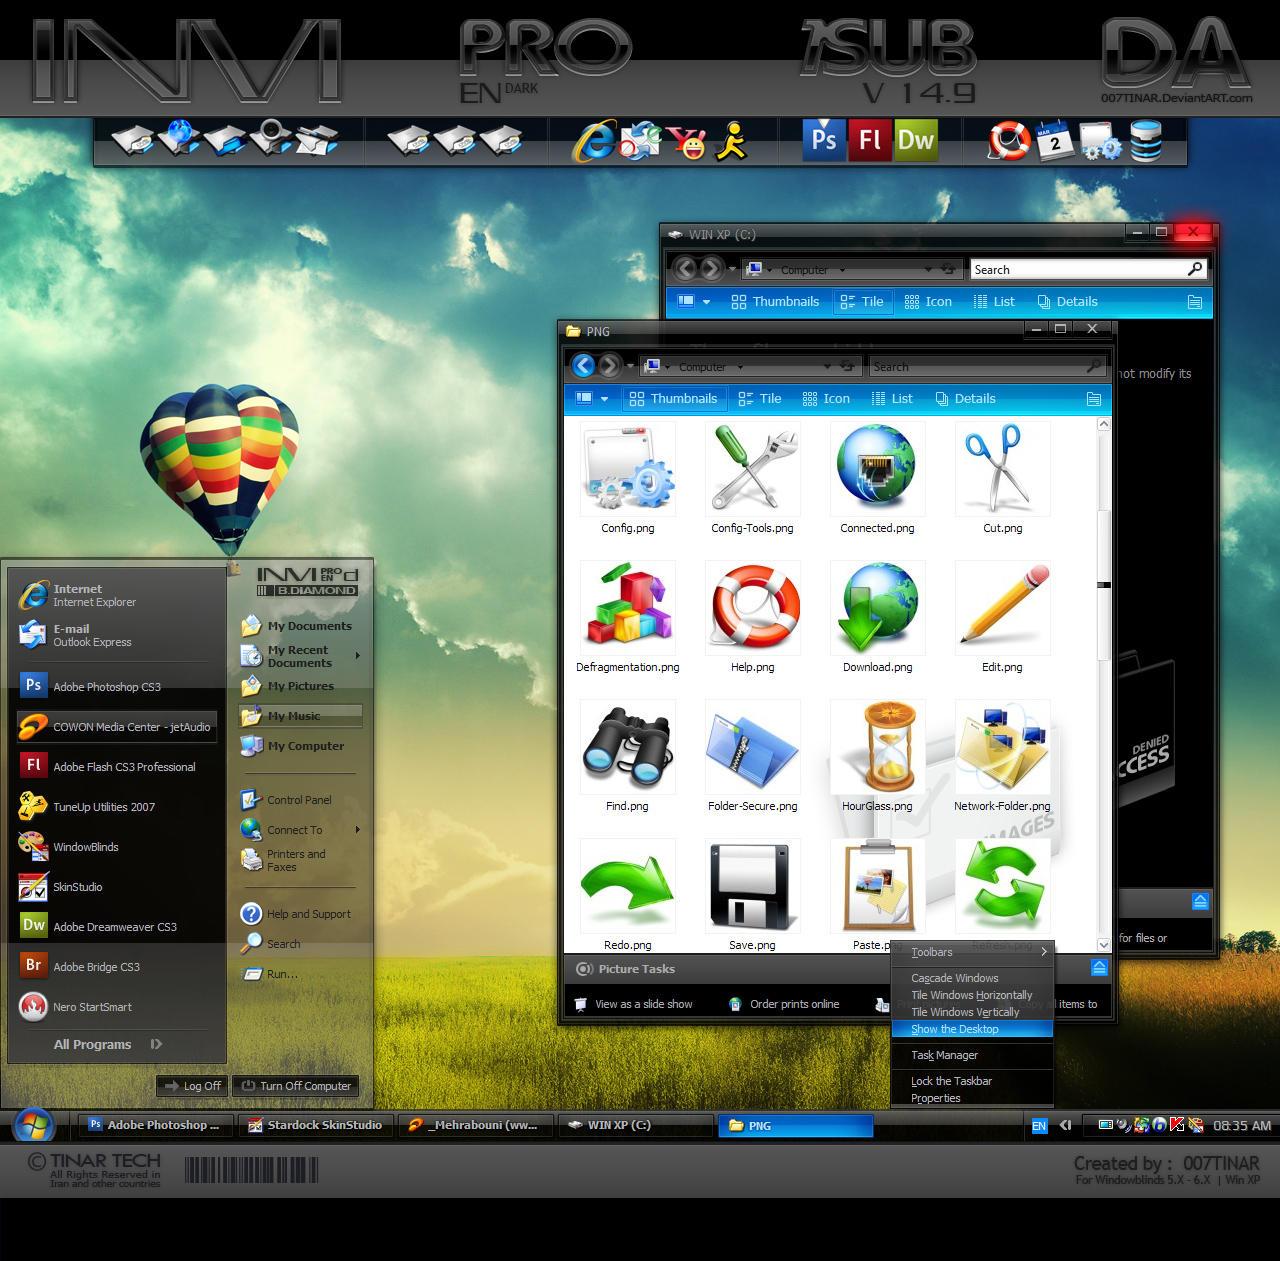 Windows Xp Theme File Software: INVI PRO E.DARK By 007TINAR On DeviantArt